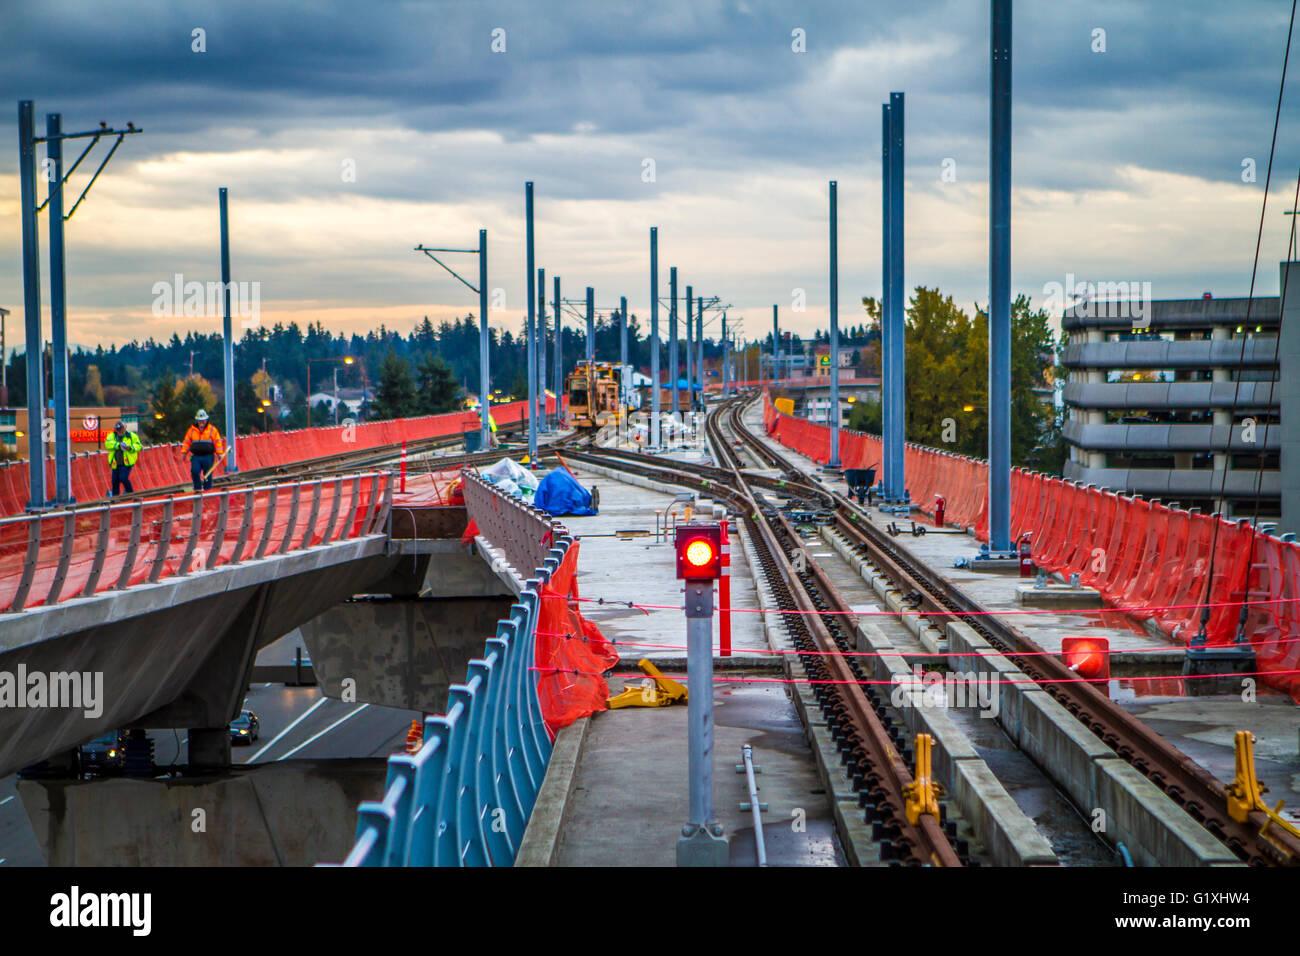 Die Bauarbeiten am Sound Transit Link Light Rail Süden 200. Street-Erweiterung, gleich hinter SeaTac Flughafen/Bahnhof Stockbild